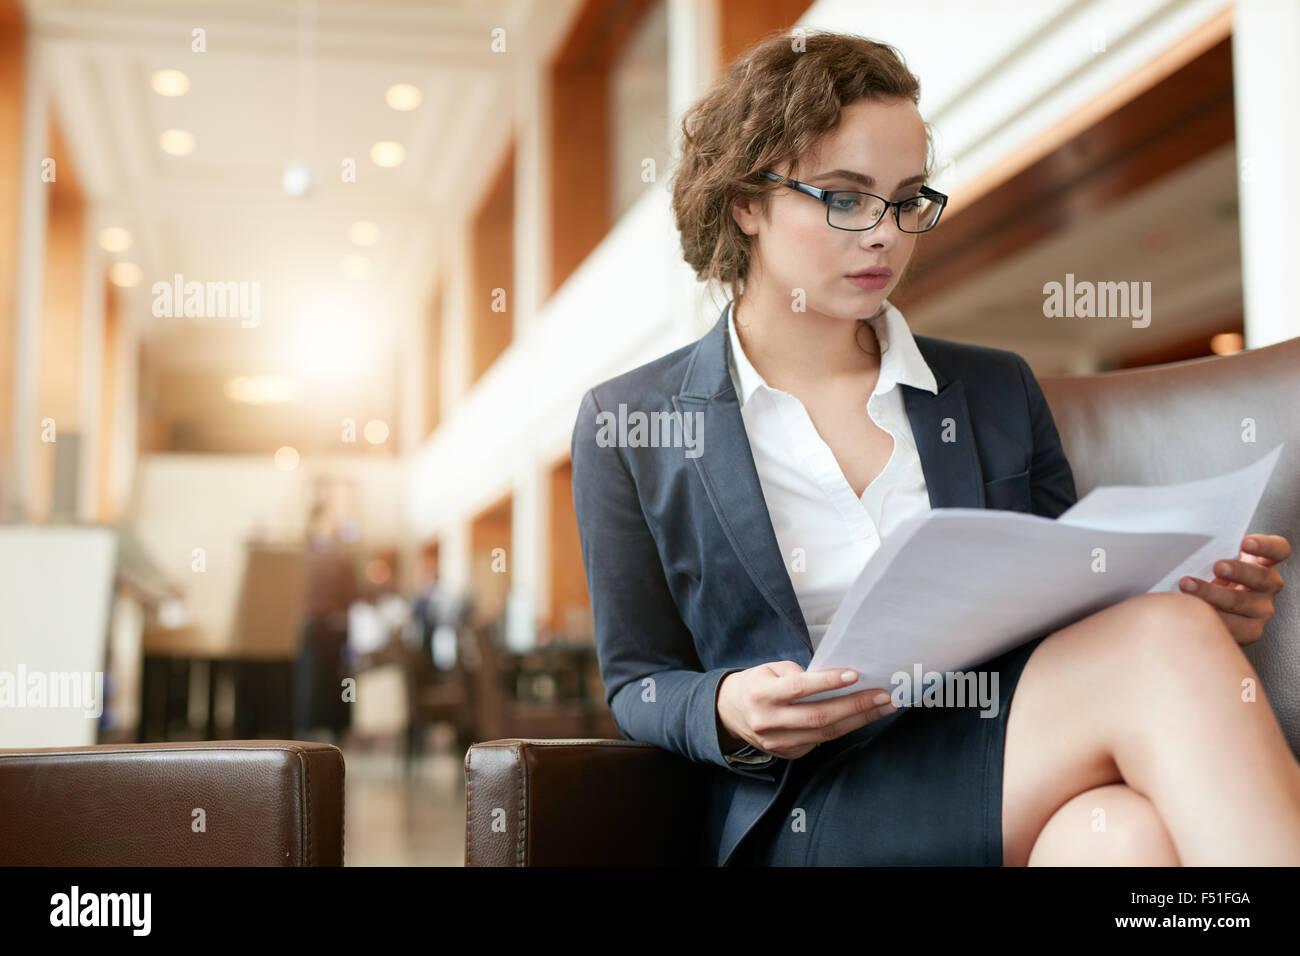 Retrato de la empresaria leer el documento. Mujeres profesionales en el vestíbulo del hotel examinar los papeles. Imagen De Stock